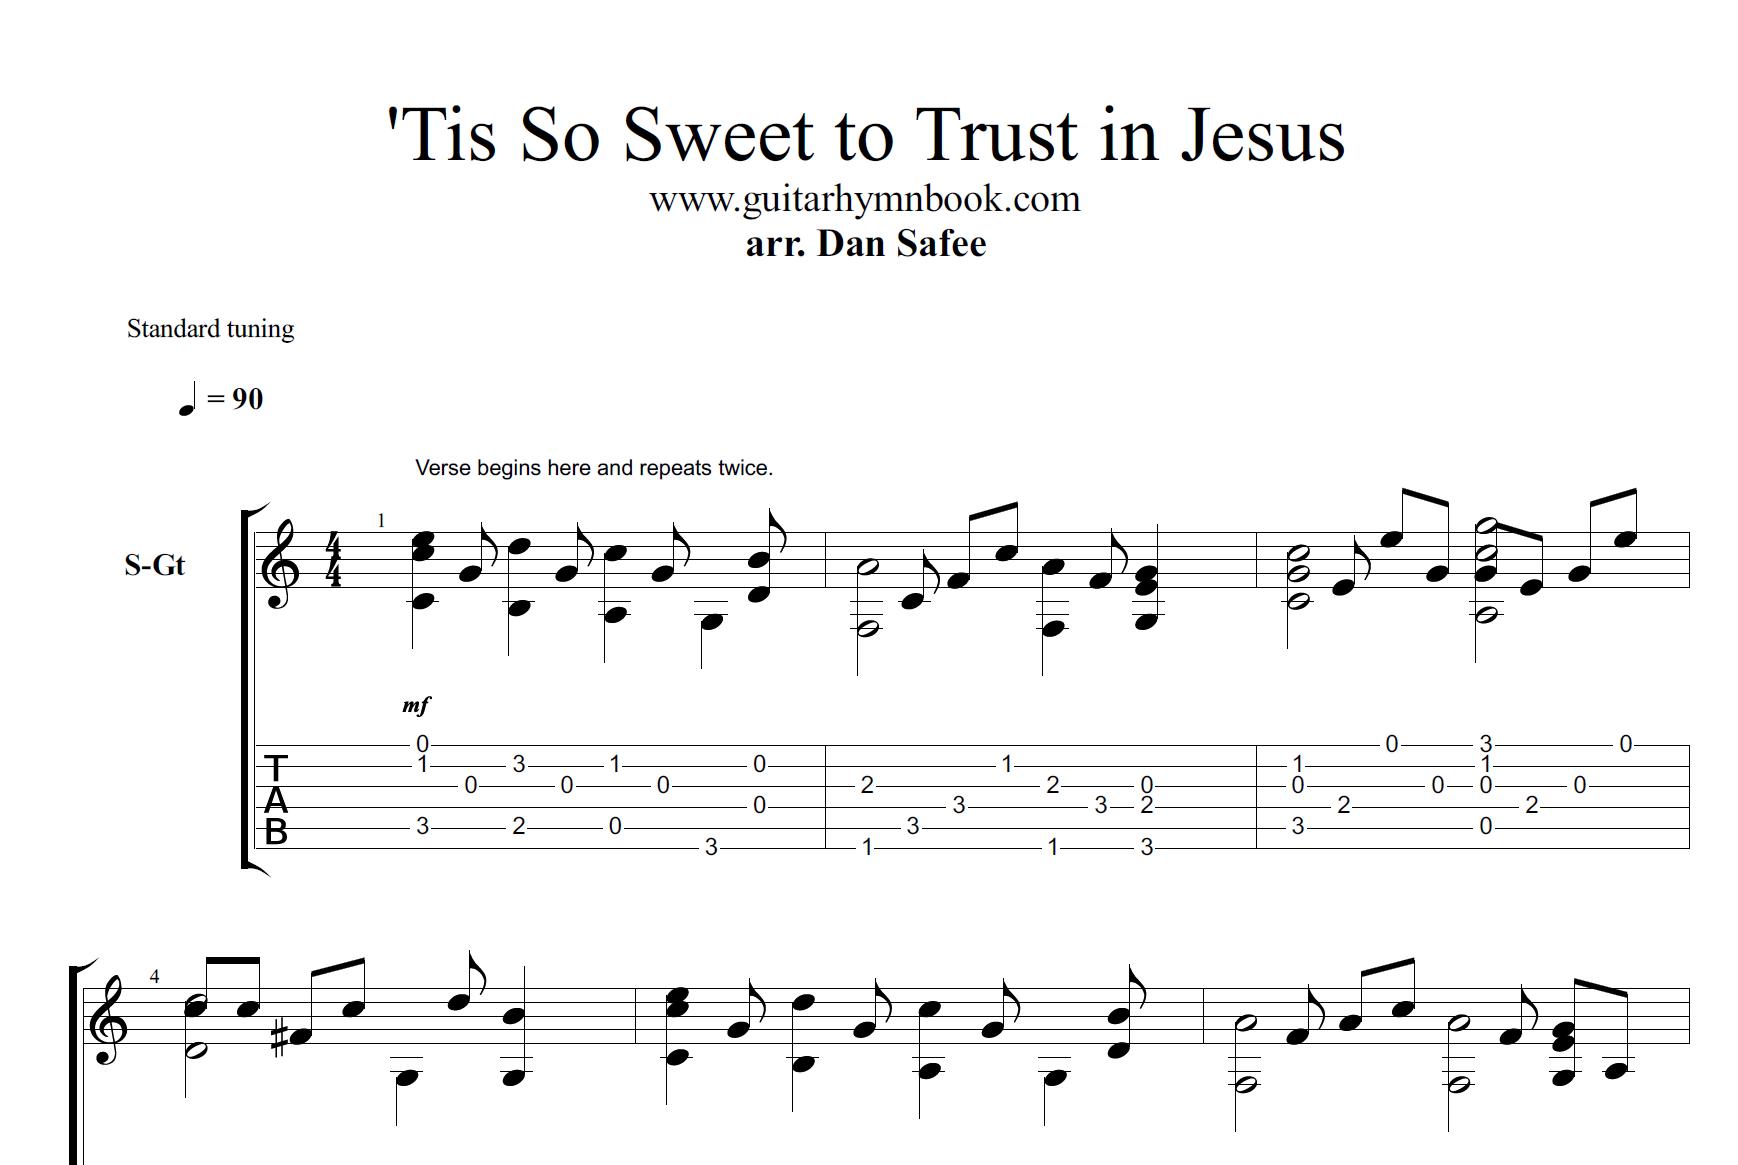 Guitar Hymn Book Tis So Sweet To Trust In Jesus